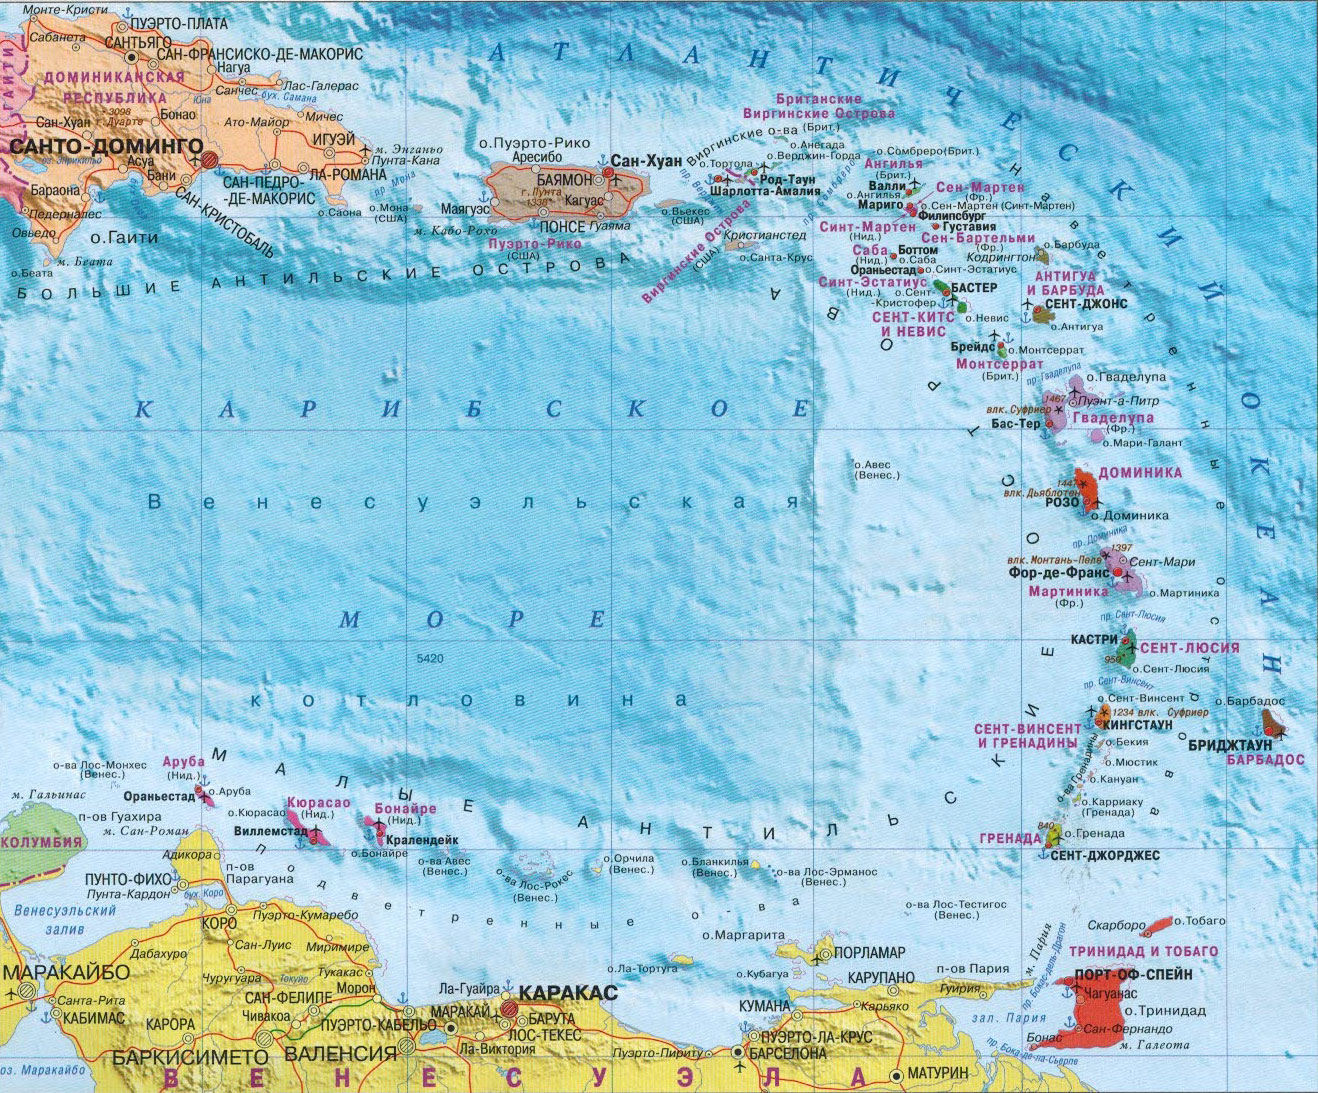 Настенная карта Карибского бассейна, ламинированная. Р-р 1,0*0,75 м